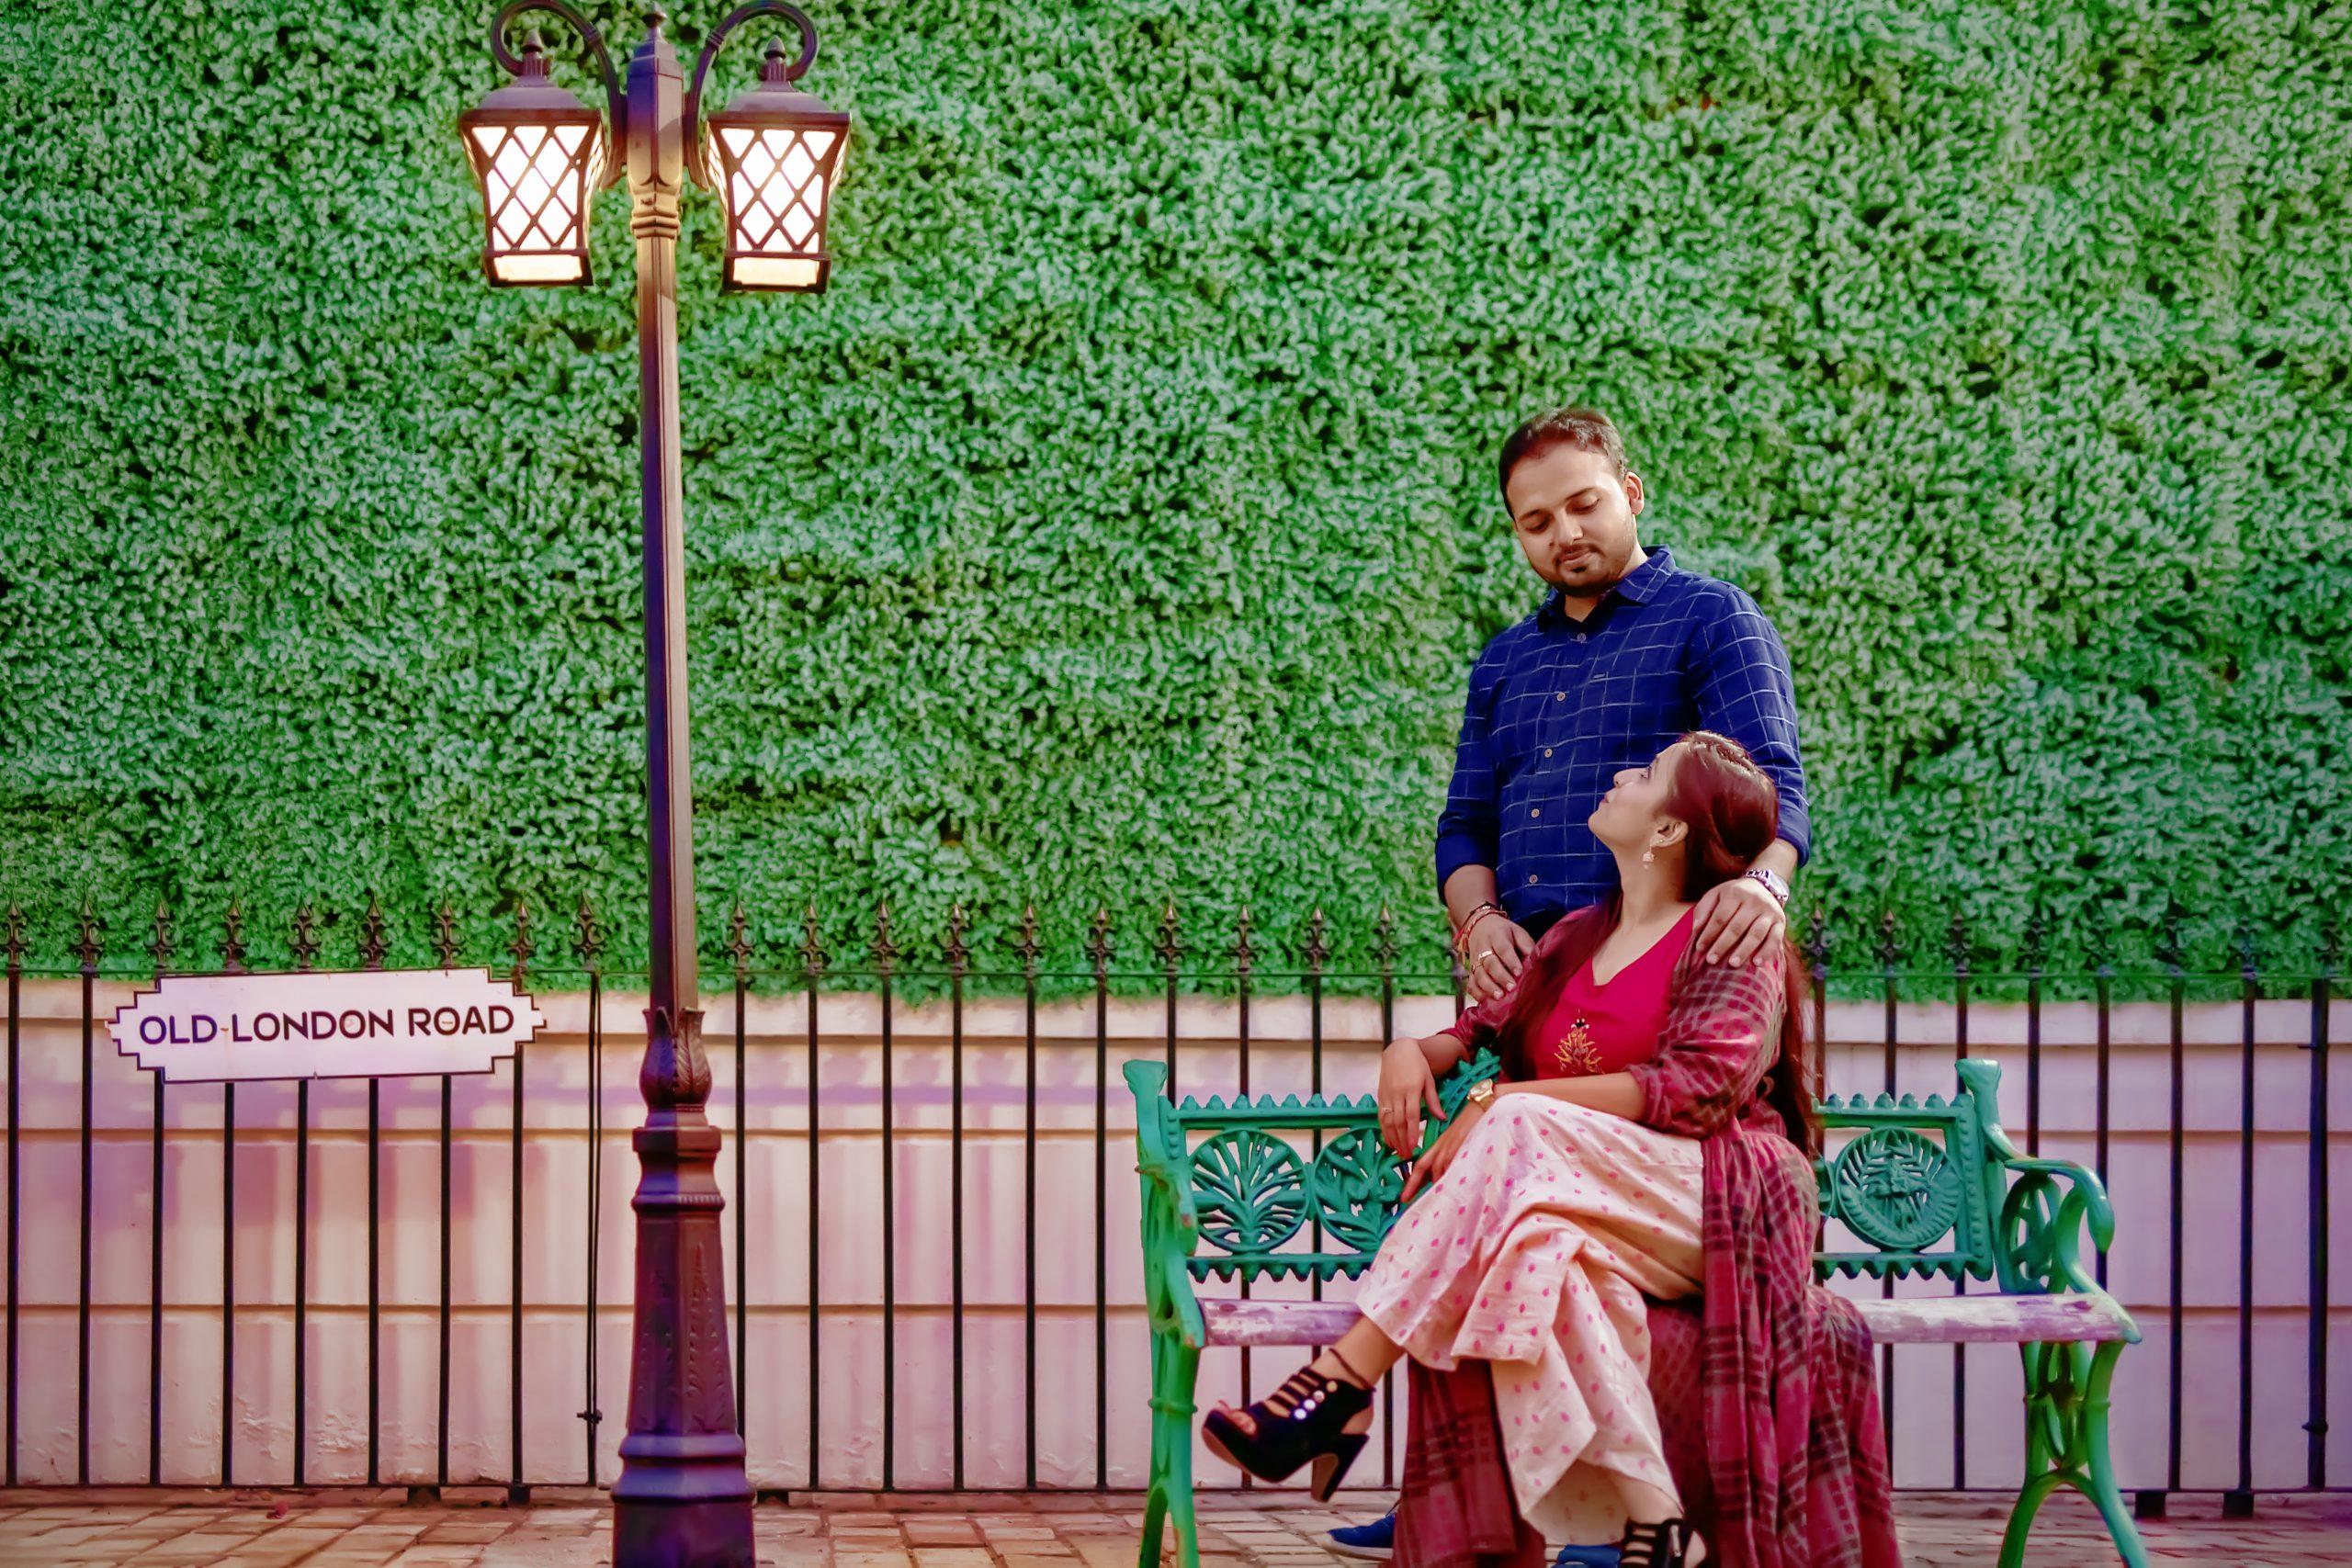 A couple at a public place